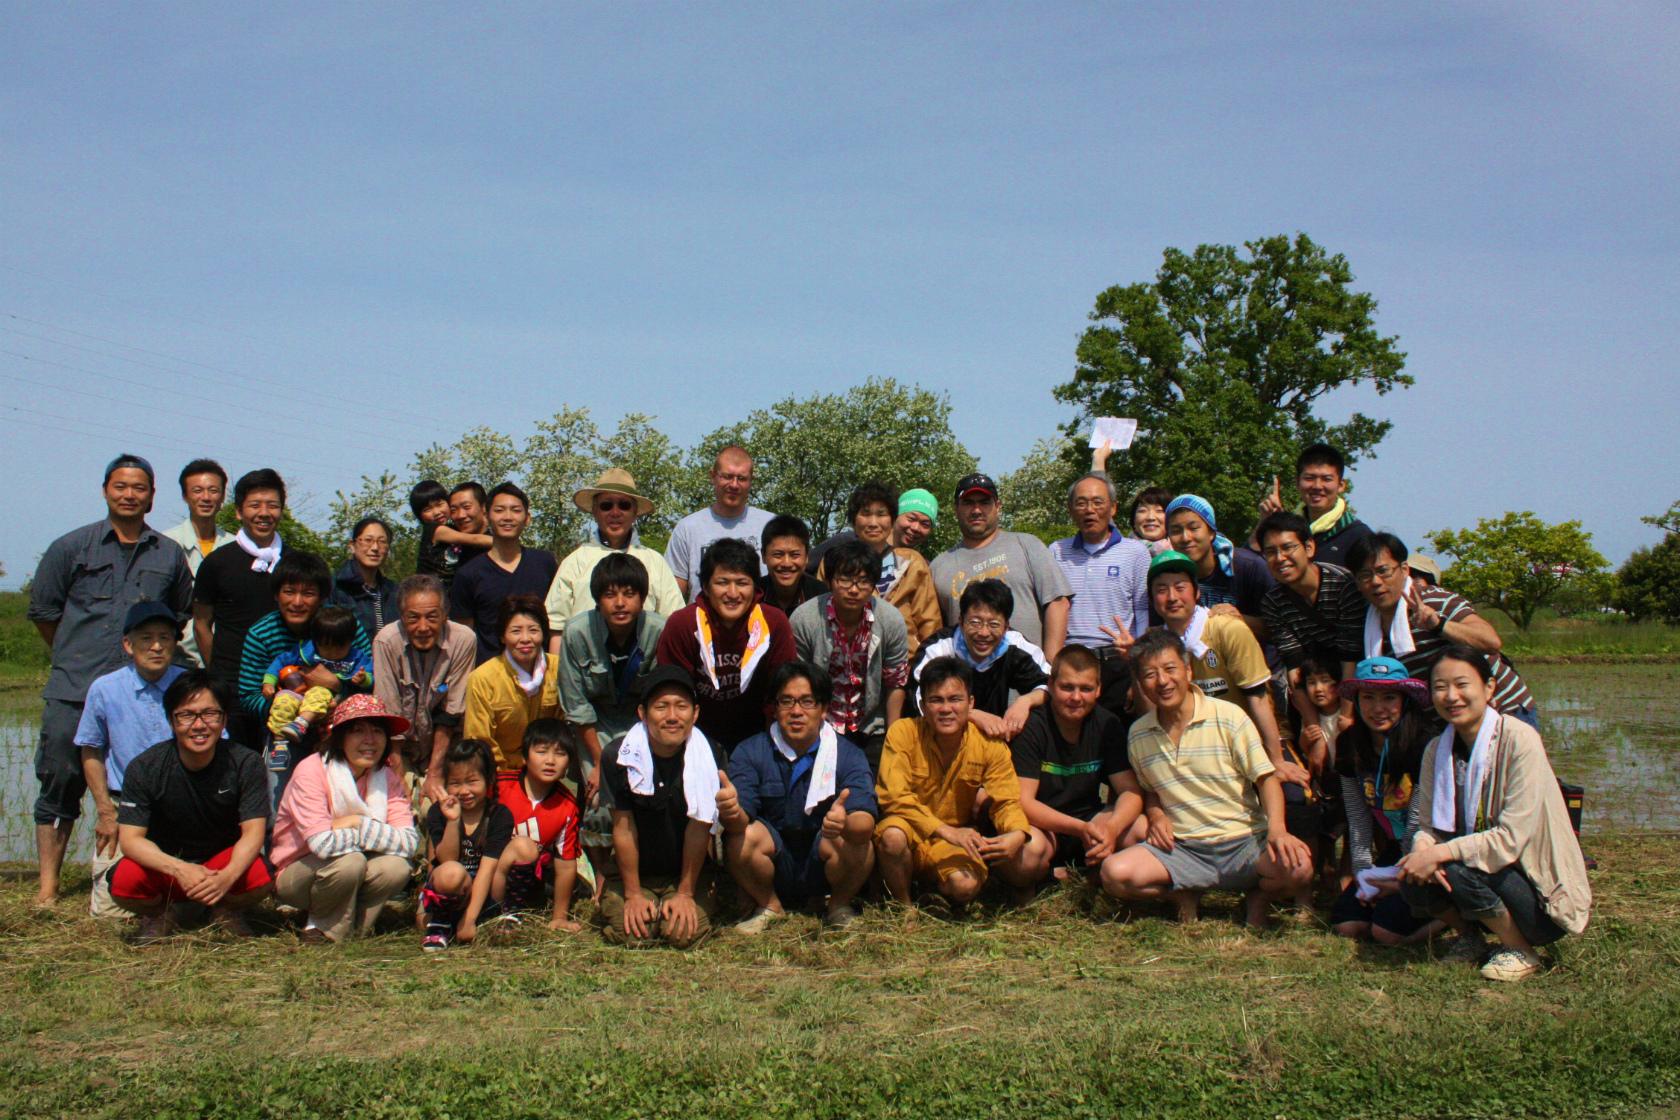 http://www.kaiho.co.jp/jp/news/img/20140524-19.jpg